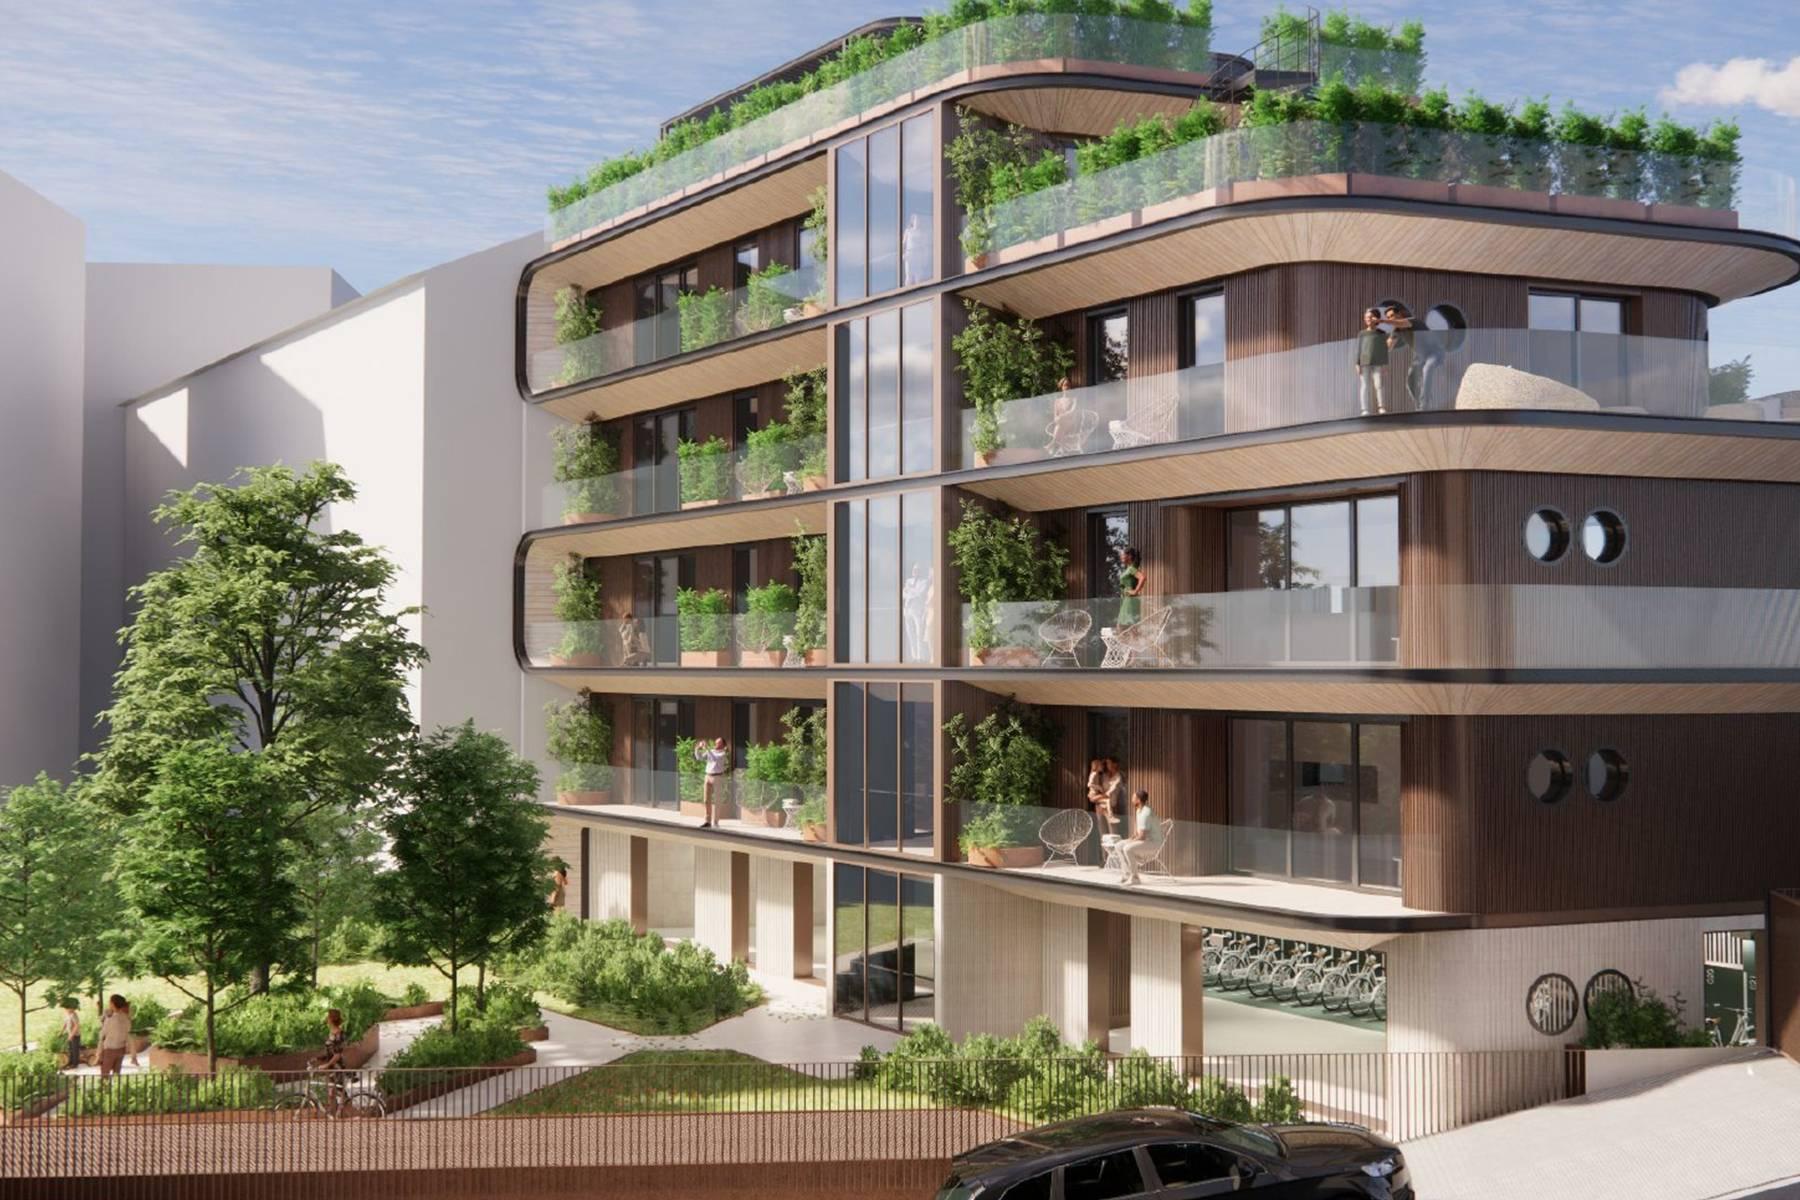 Herrliche Wohnung in einem neuen Gebäude, nur wenige Schritte vom historischen Zentrum Veronas entfernt - 8